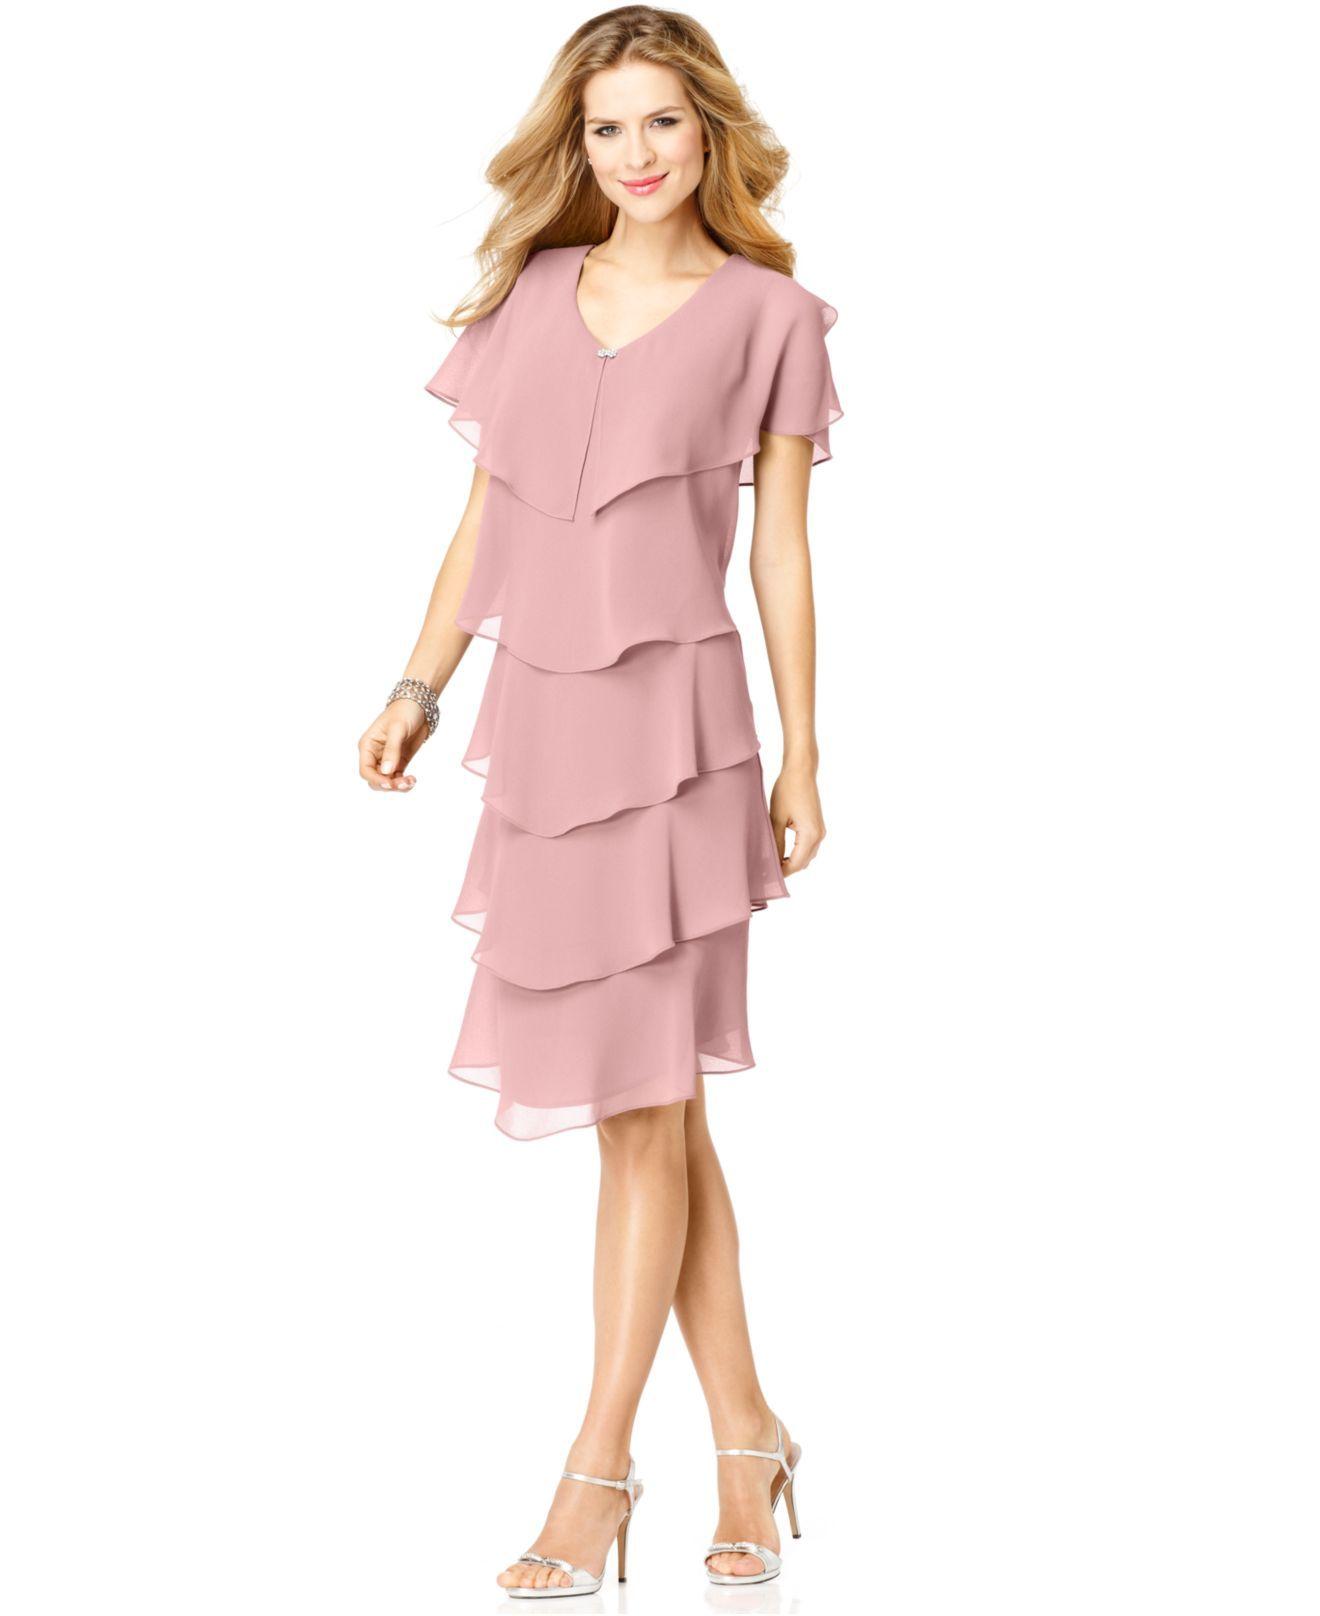 Women\'s Pink Short-Sleeve Tiered Dress